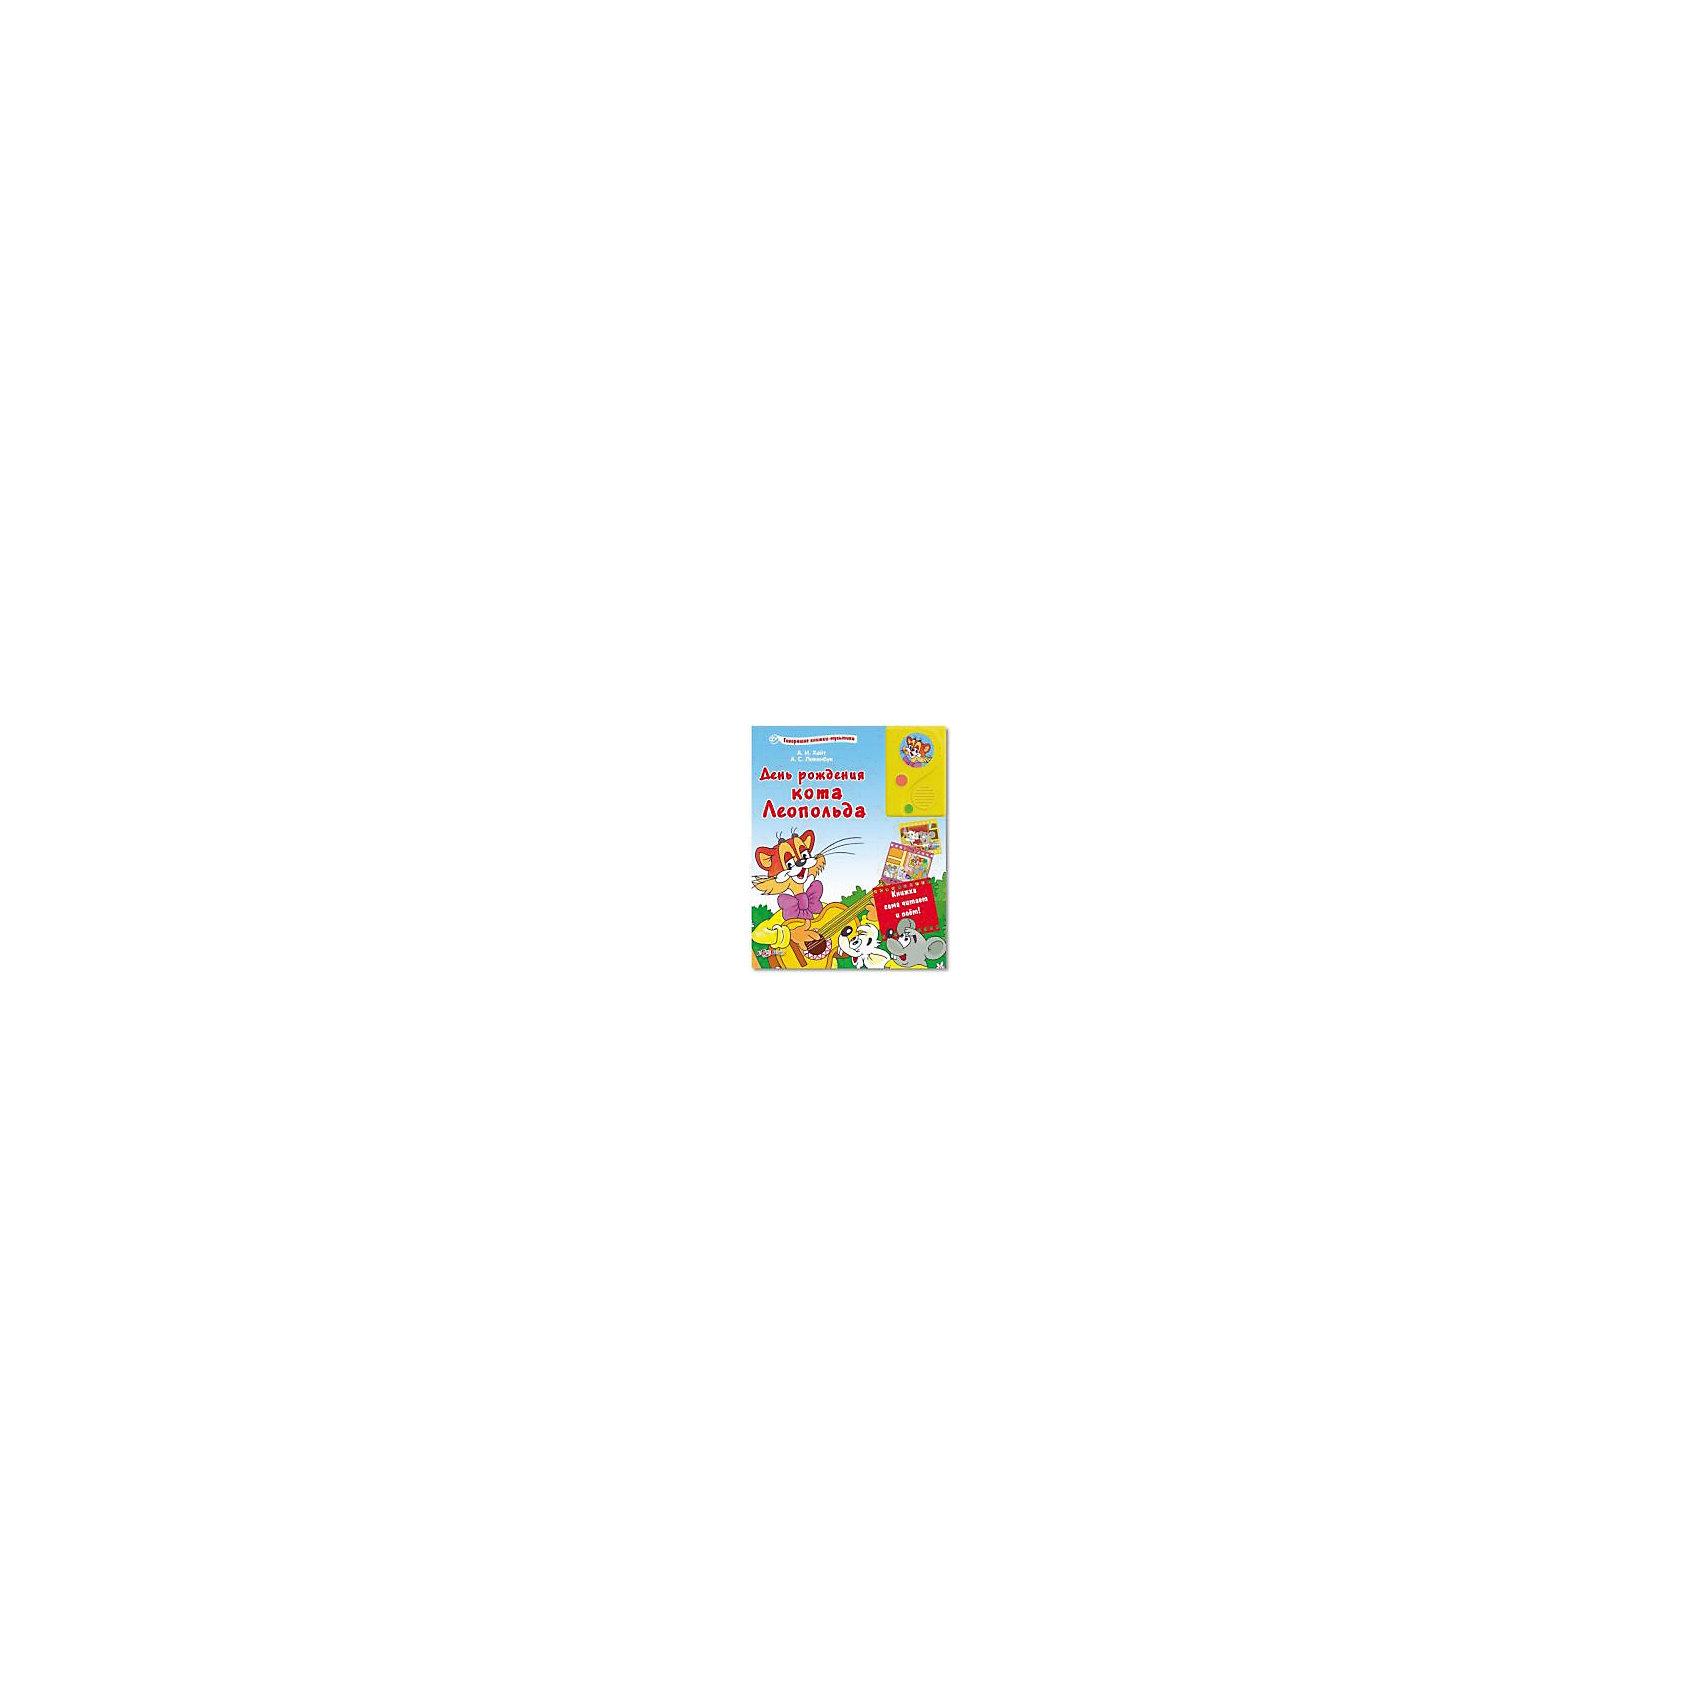 Книга со звуковым модулем День рождения кота ЛеопольдаКот Леопольд приглашает ребят на день рождения! Яркие иллюстрации, веселые песенки и интересные истории приведут в восторг малышей, а плотные картонные странички идеально подойдут для маленьких детских ручек. <br><br>Дополнительная информация:<br><br>- Формат: 20,6х24,6 см.<br>- Количество страниц: 16.<br>- Обложка: твердая.<br>- Иллюстрации: цветные.<br>- Плотные картонные страницы. <br>- Звуковой модуль. <br>- Элемент питания: батарейки (в комплекте).<br><br>Книгу со звуковым модулем День рождения кота Леопольда можно купить в нашем магазине.<br><br>Ширина мм: 19<br>Глубина мм: 23<br>Высота мм: 19<br>Вес г: 570<br>Возраст от месяцев: 24<br>Возраст до месяцев: 48<br>Пол: Унисекс<br>Возраст: Детский<br>SKU: 4951773